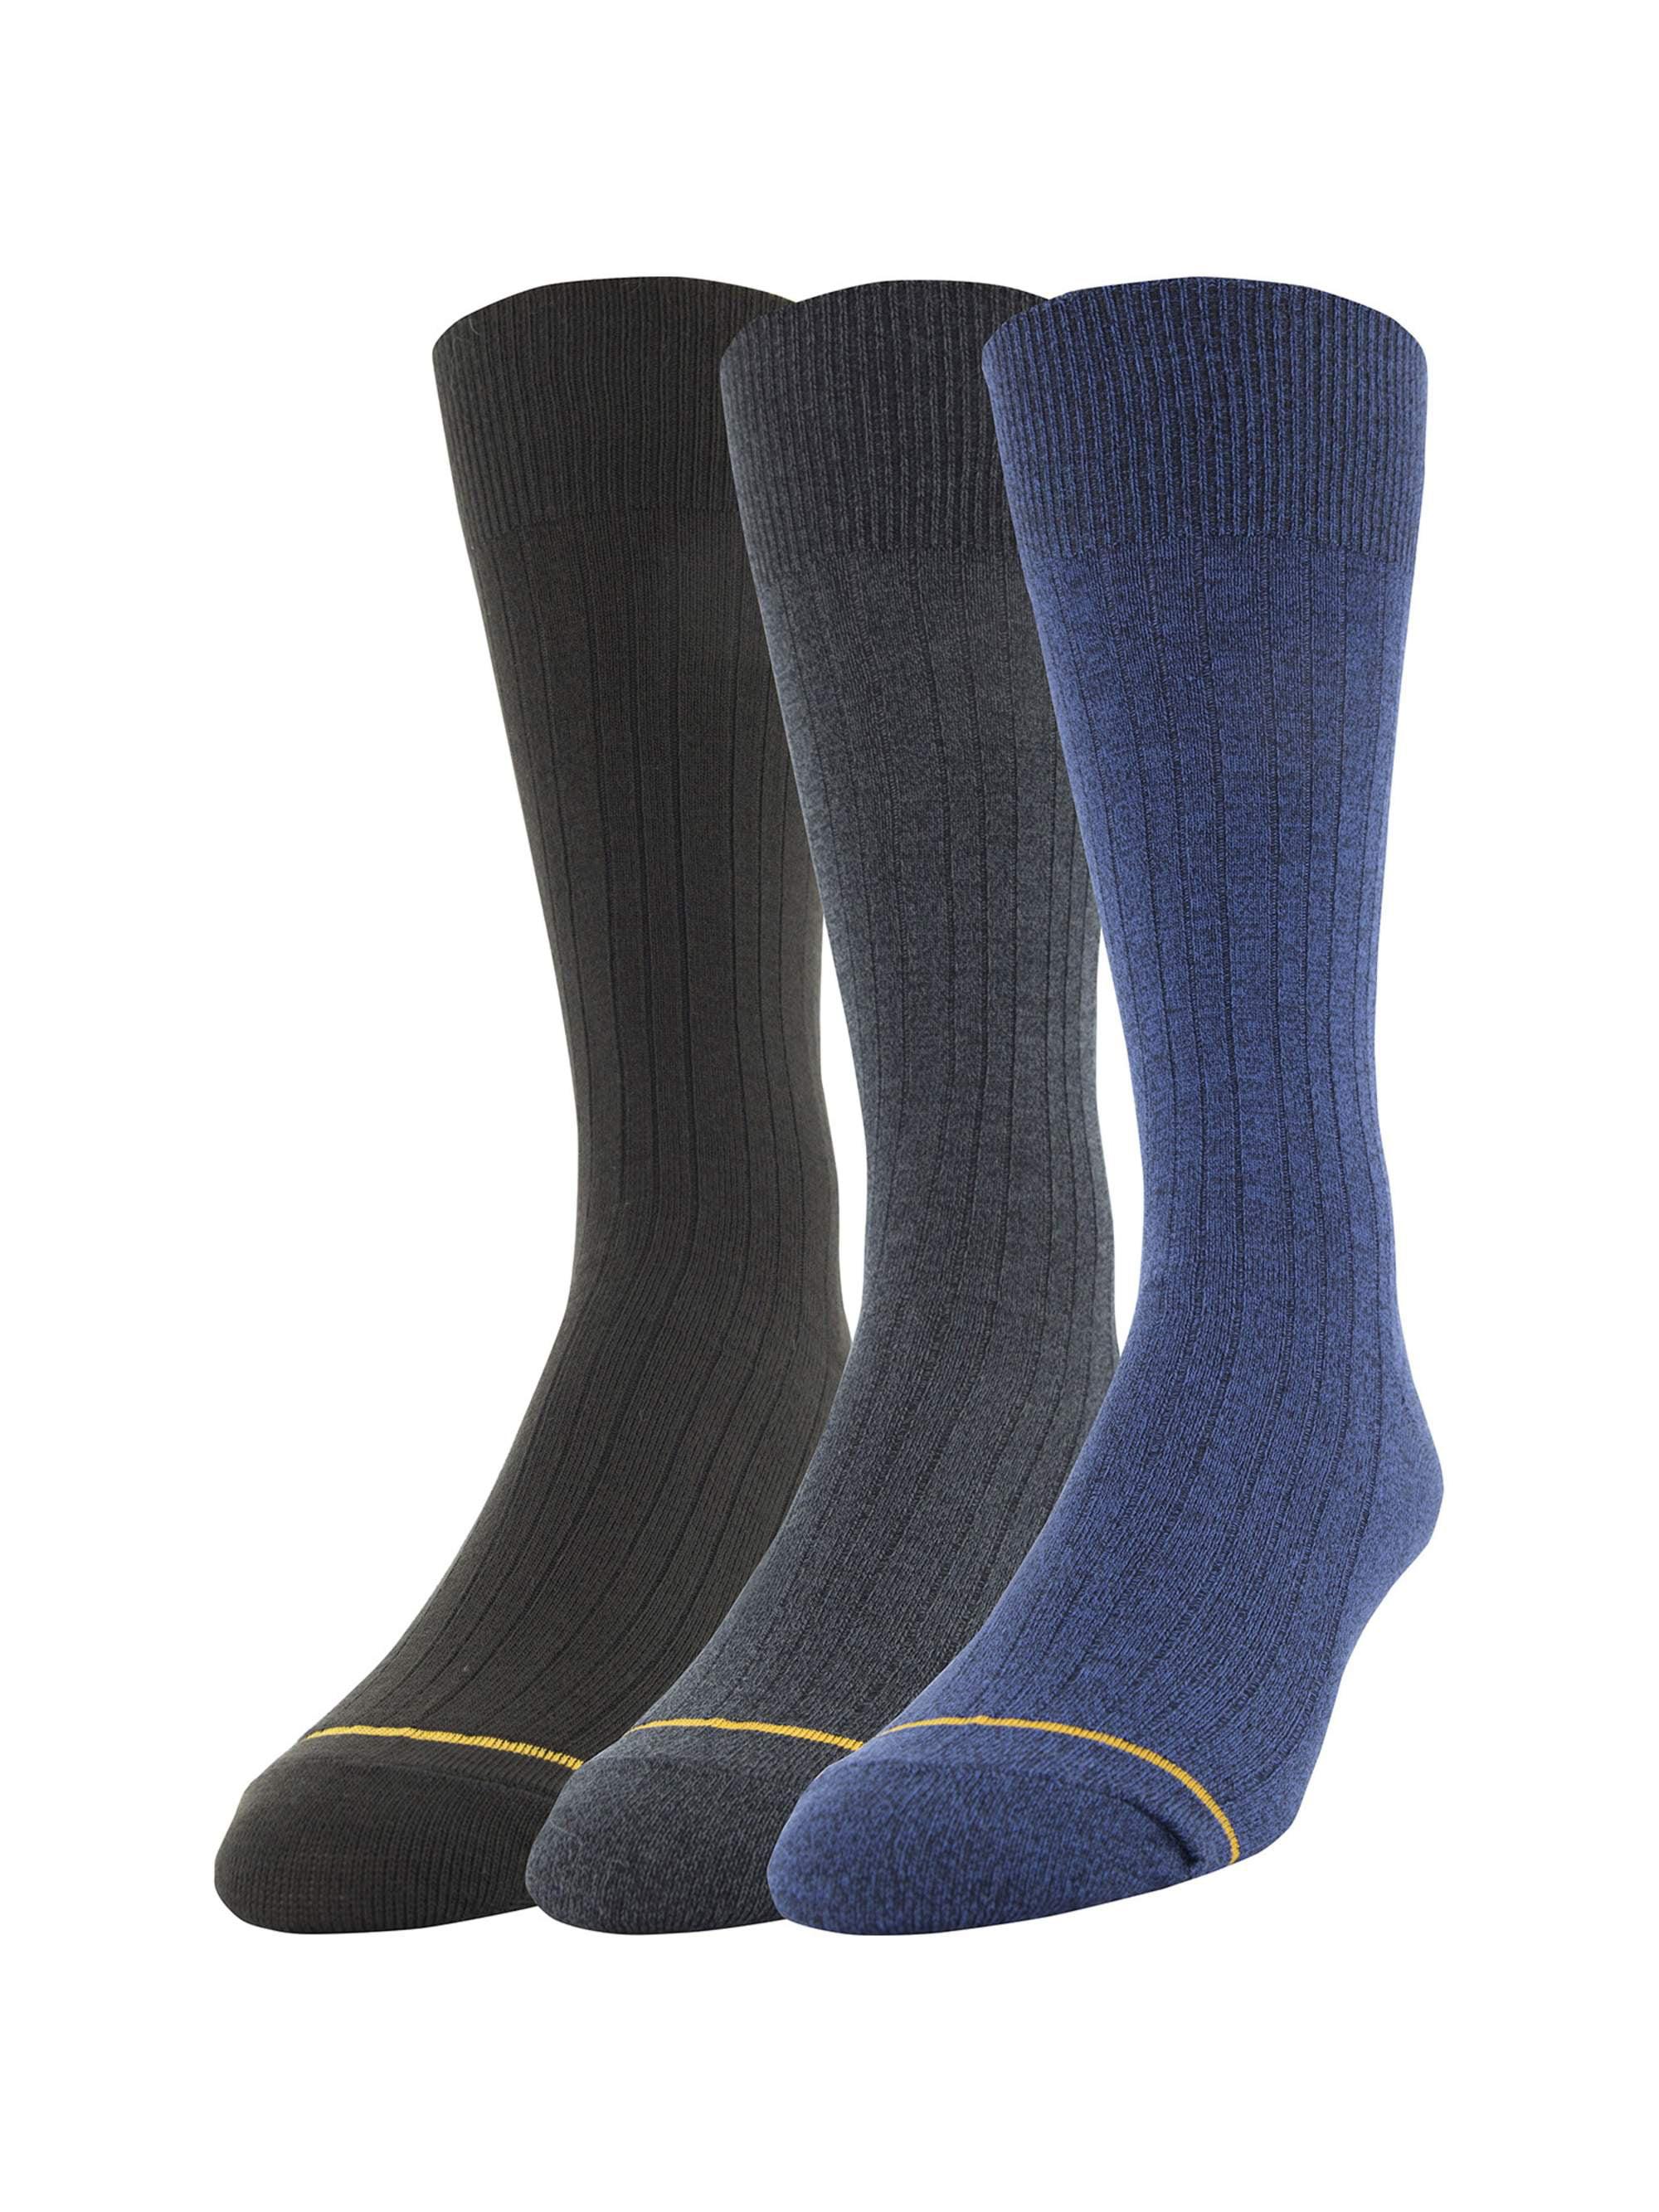 Men's All Day Comfort Dress Rib Socks, 3-Pack